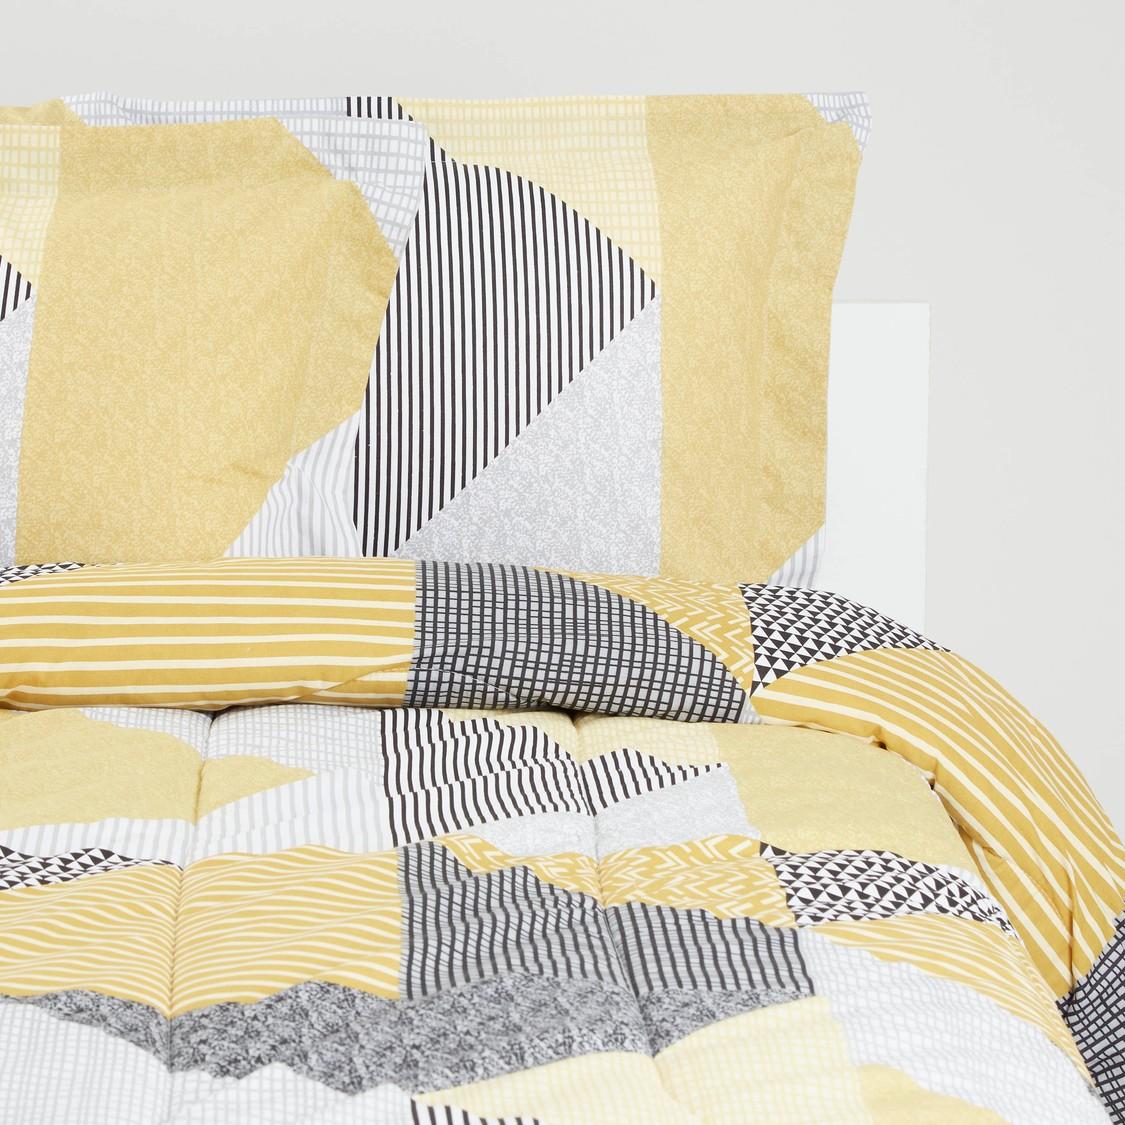 Abstract Print Comforter Set - 220x230 cms